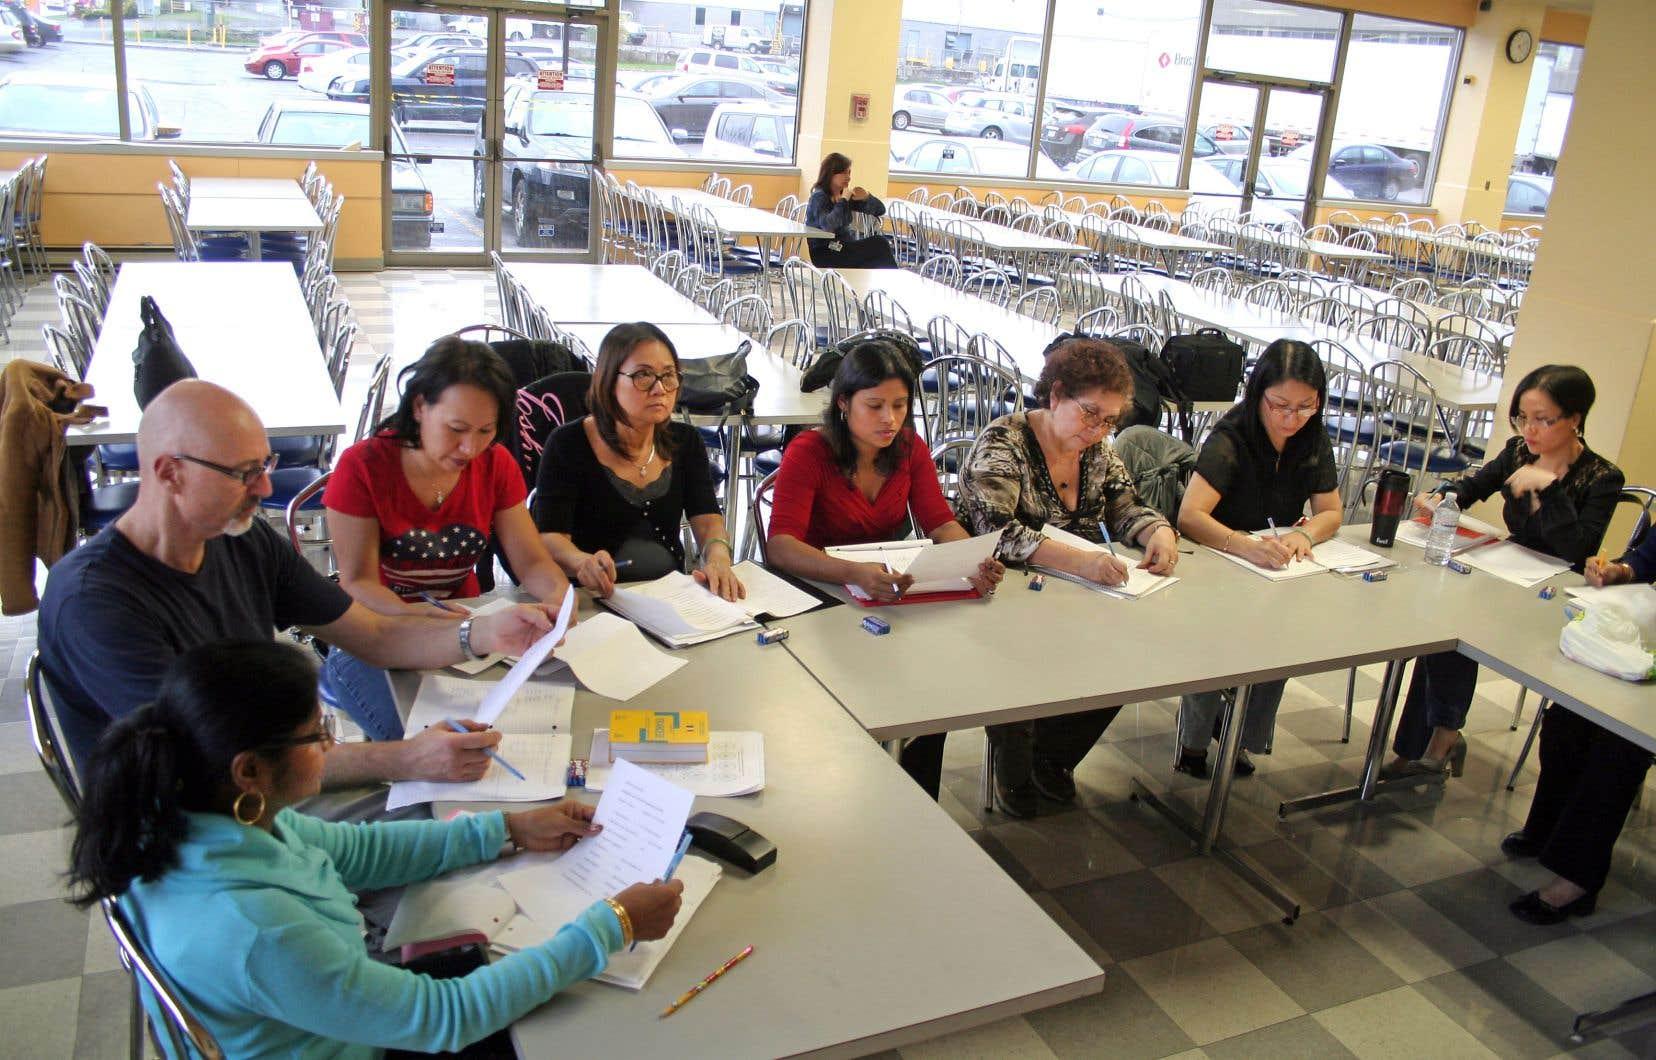 La FTQorganise des cours de francisation dans le milieu de l'industrie du vêtement, entre autres, où plusieurs travailleurs sont issus de l'immigration, comme chez Peerless (notre photo).